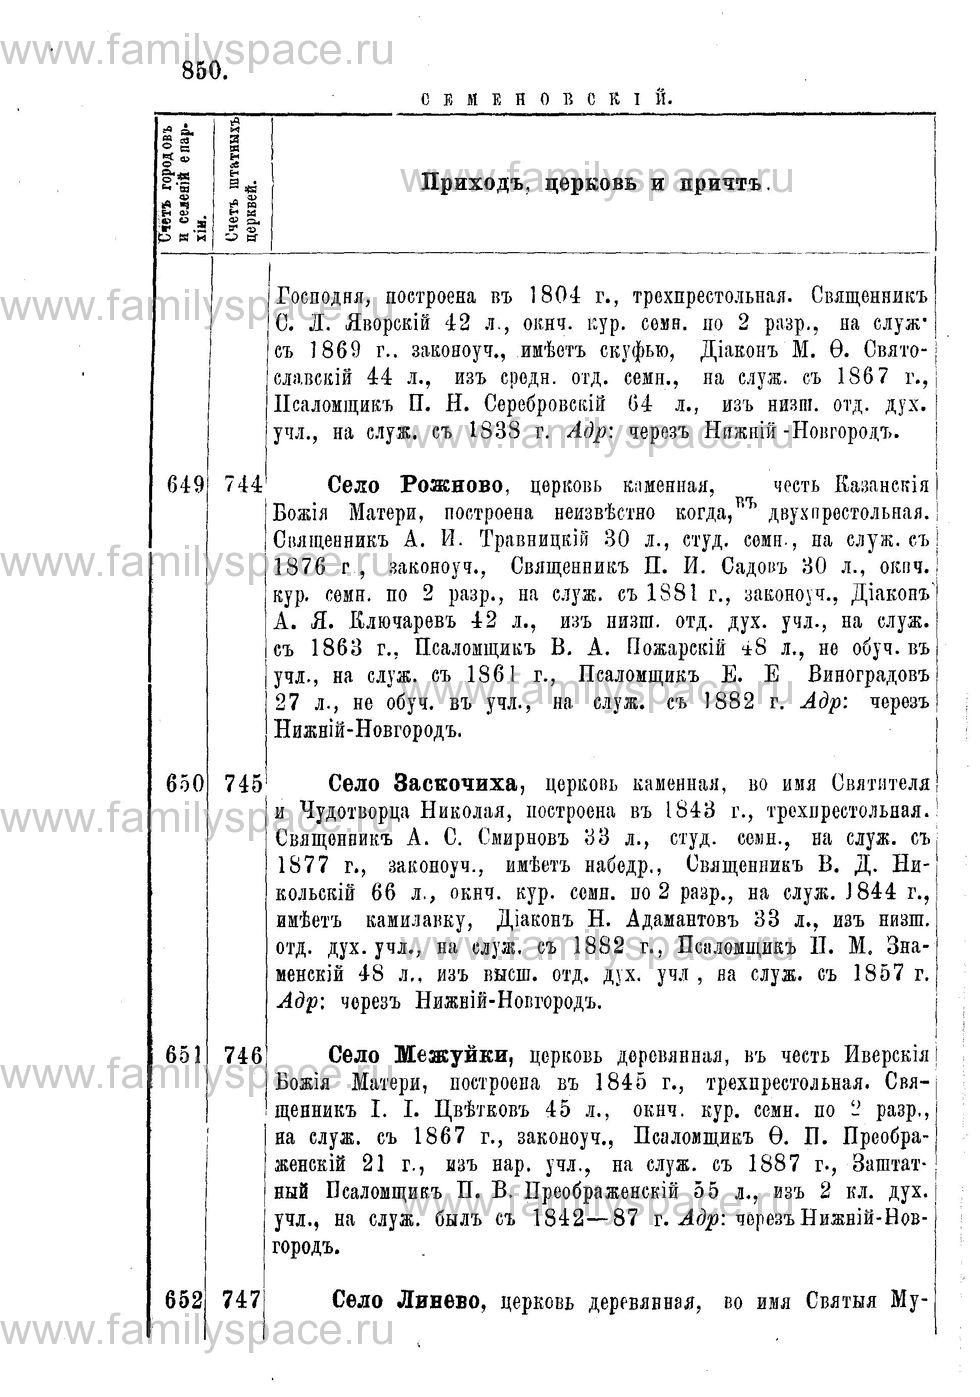 Поиск по фамилии - Адрес-календарь Нижегородской епархии на 1888 год, страница 1850